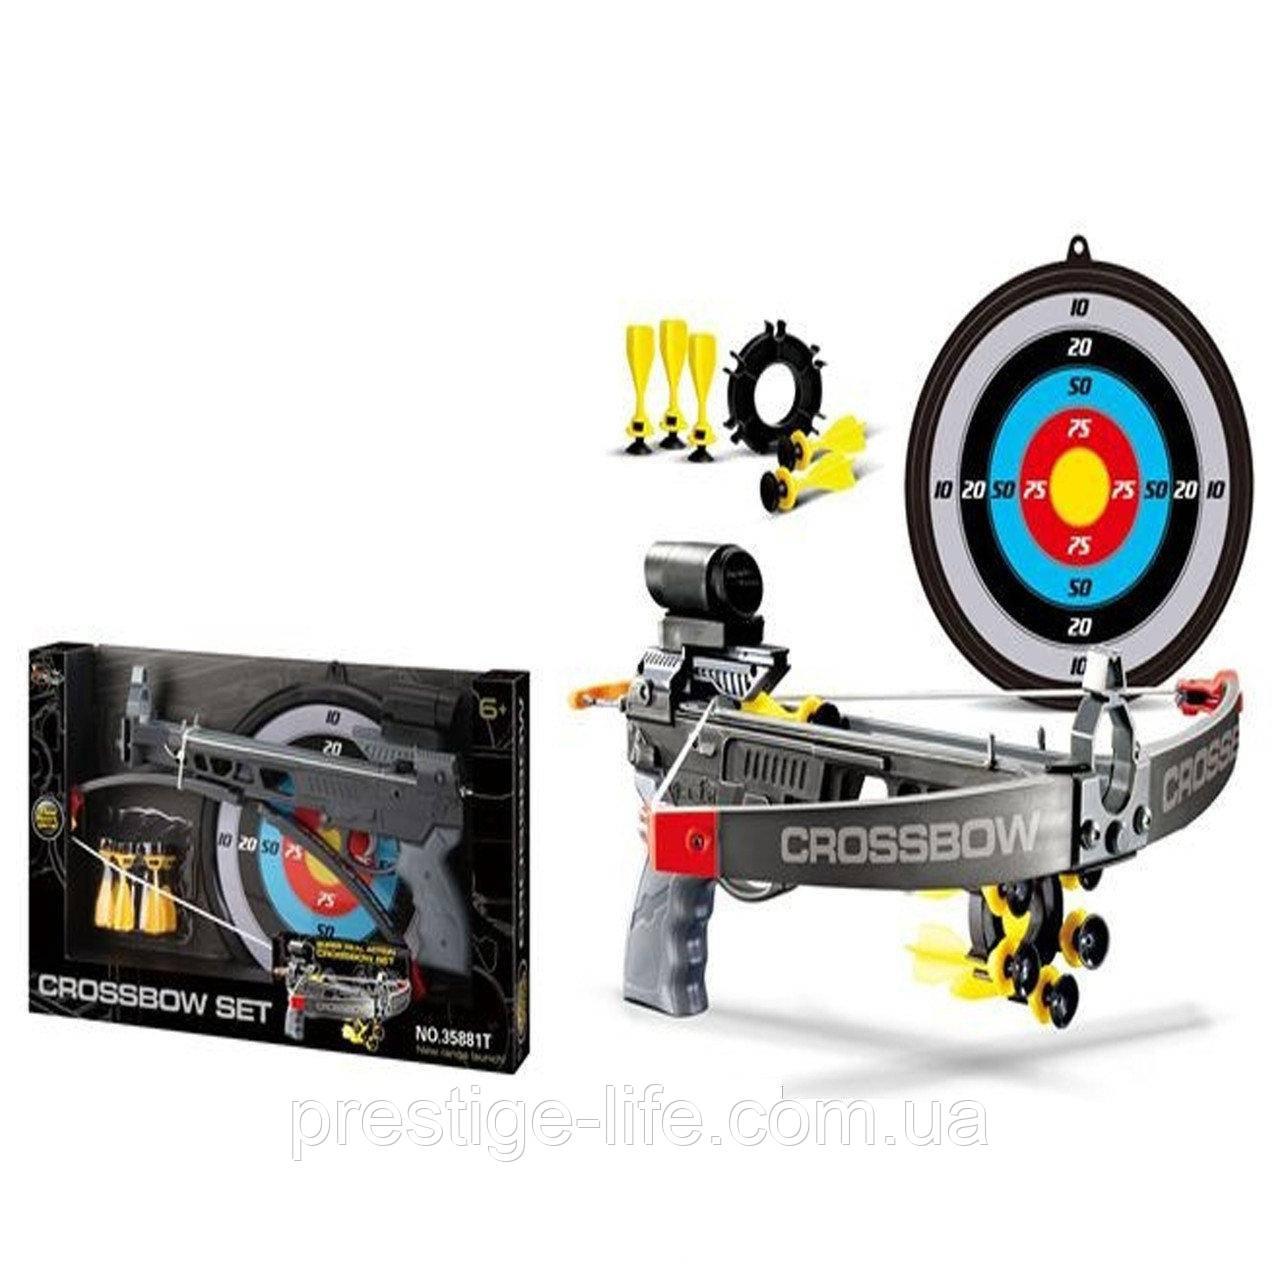 Арбалет Kingsport с мишенью и стрелами 35881T